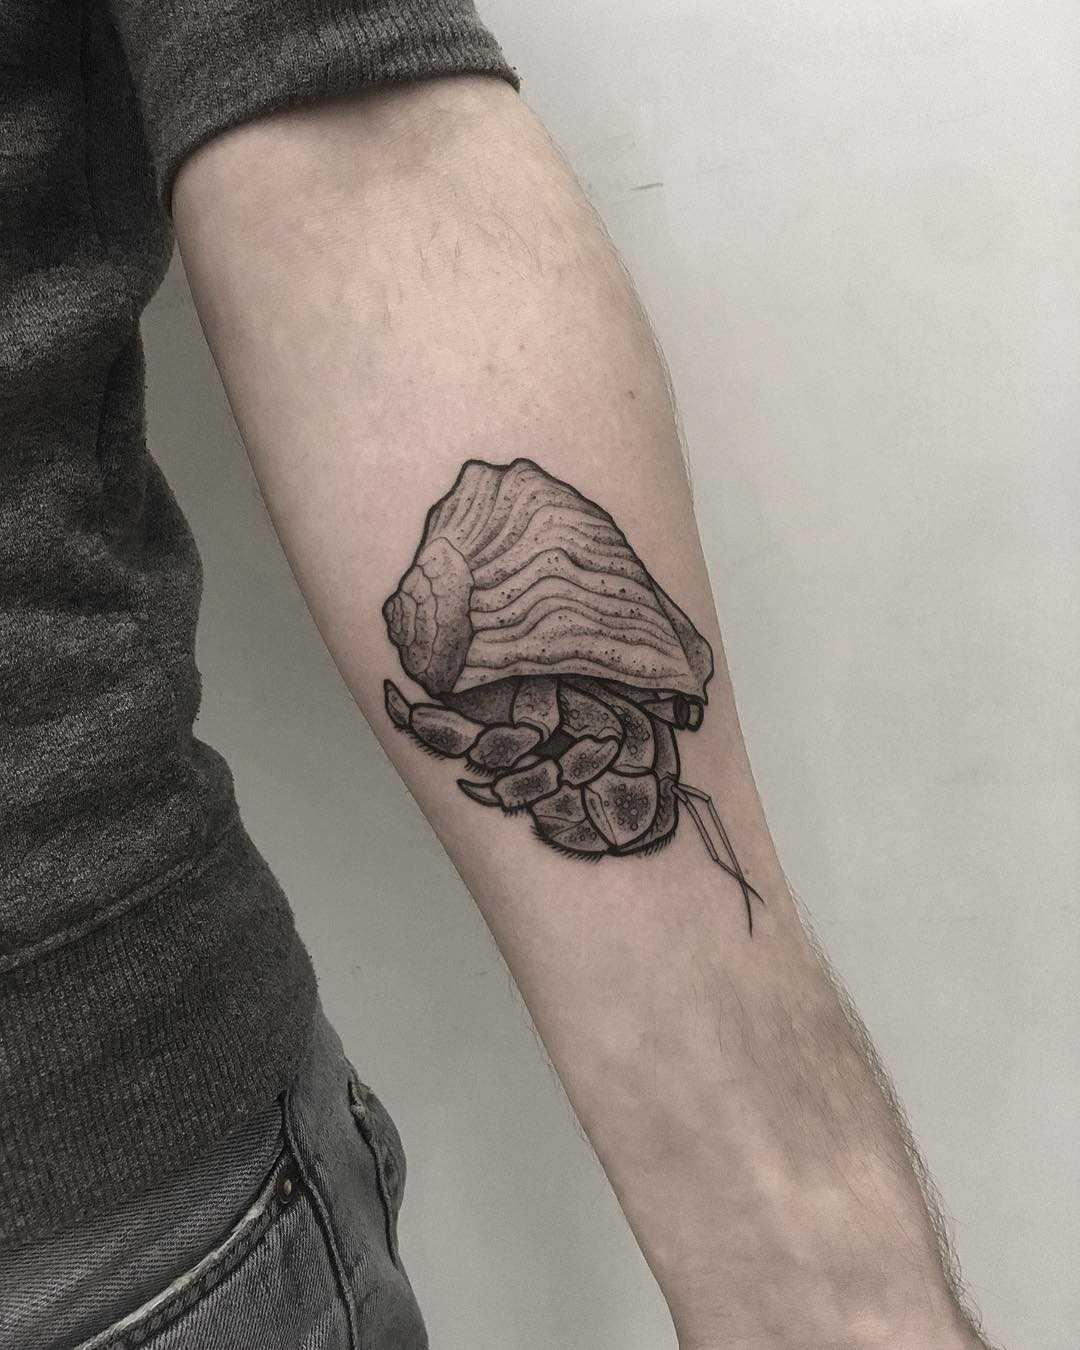 Hermitcrab by tattooist Spence @zz tattoo